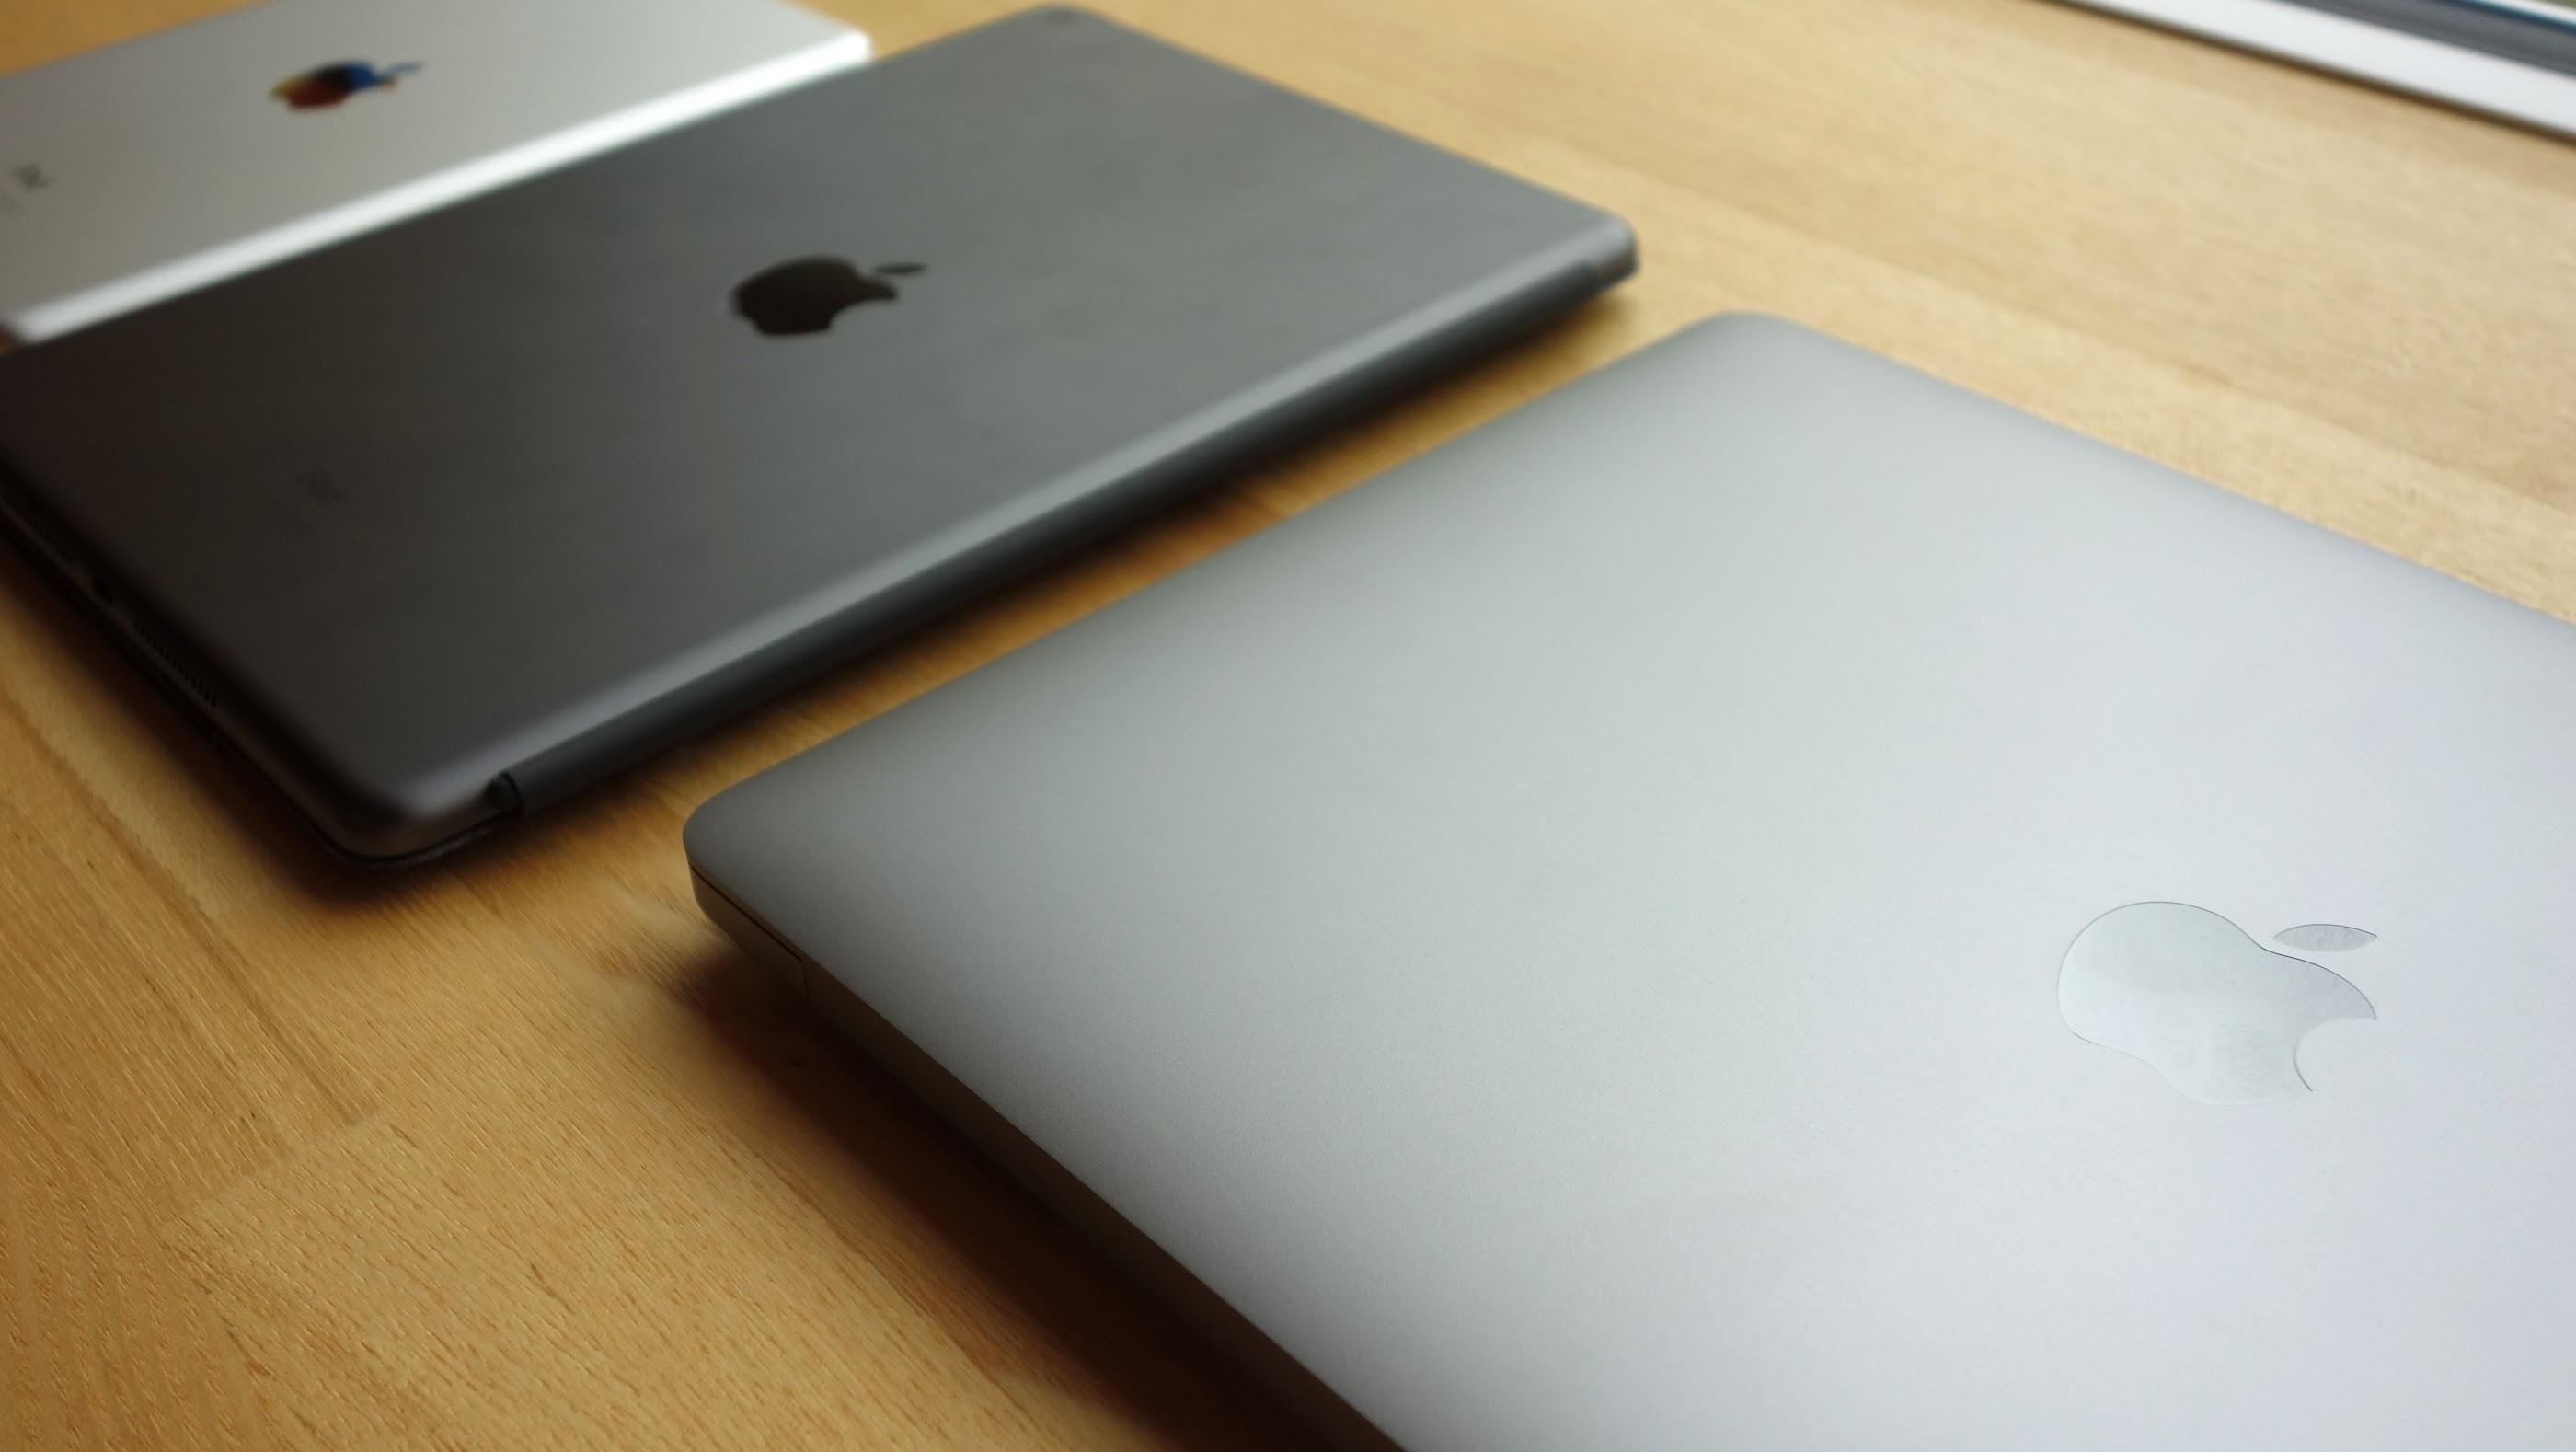 MacBook Air 2020 レビュー カラー スペースグレイ比較